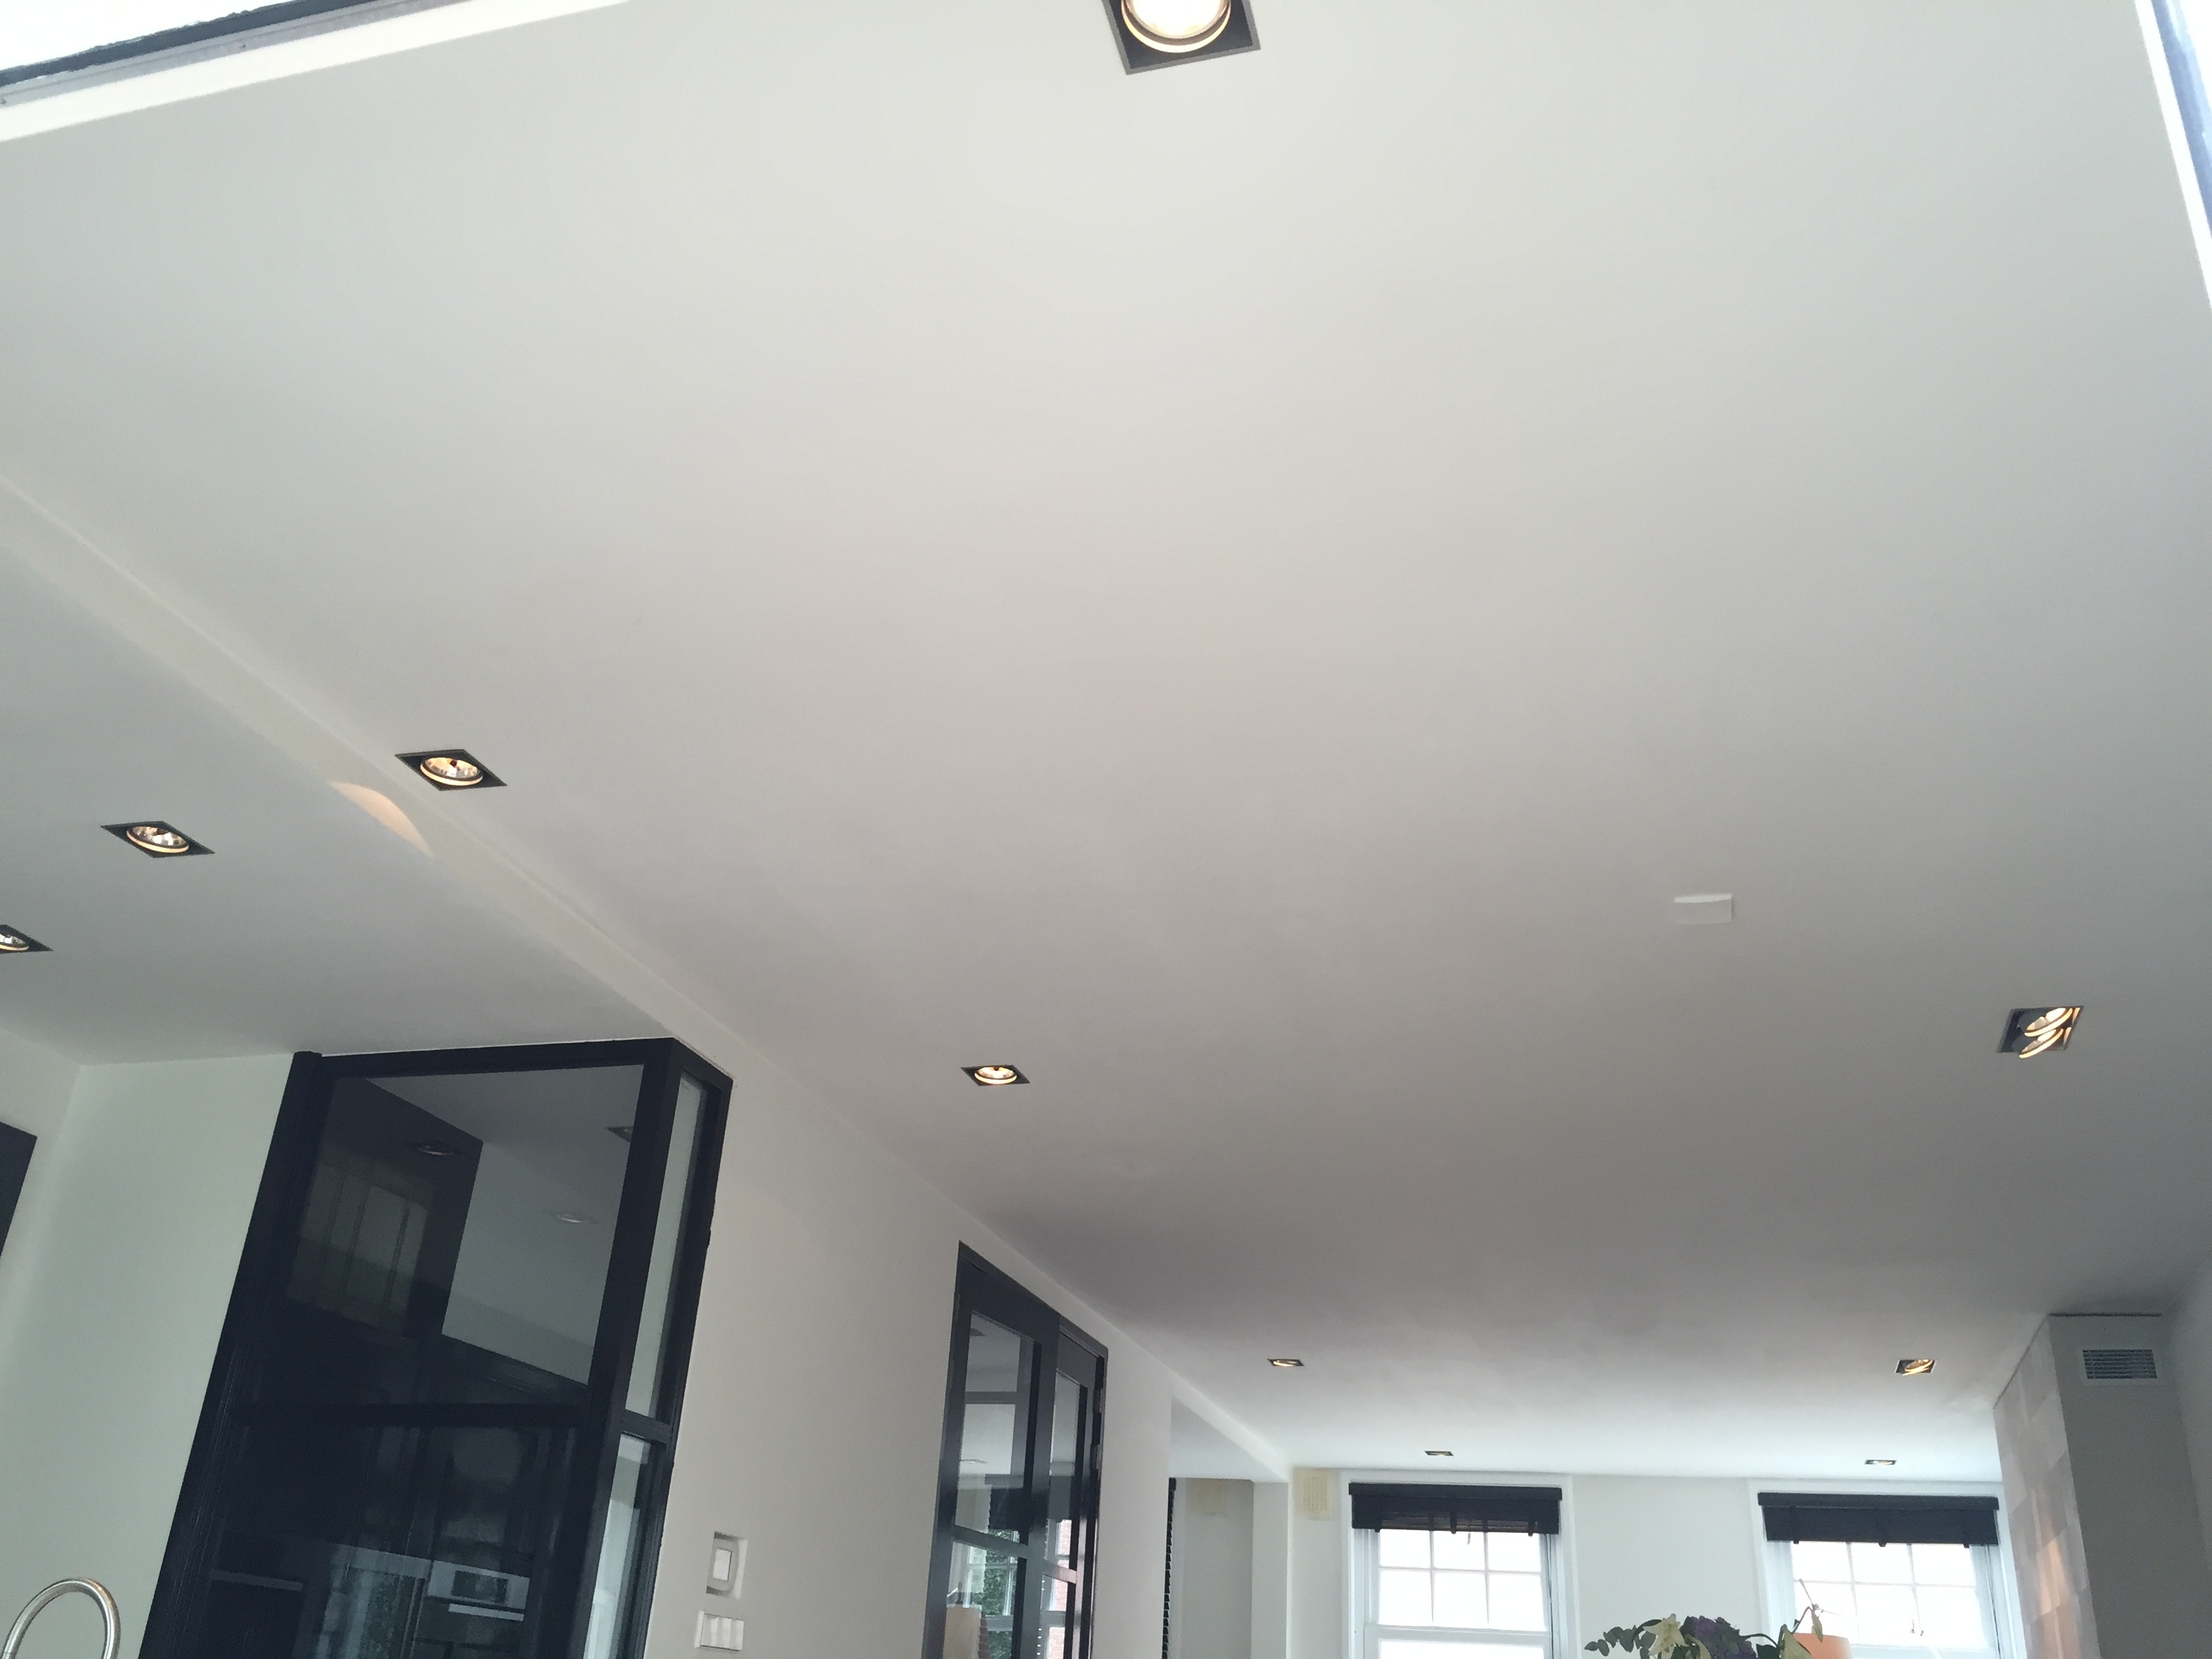 Spots Plafond Woonkamer : Alle lichtschakelaars & dimmers bij elkaar tip voordemakers.nl